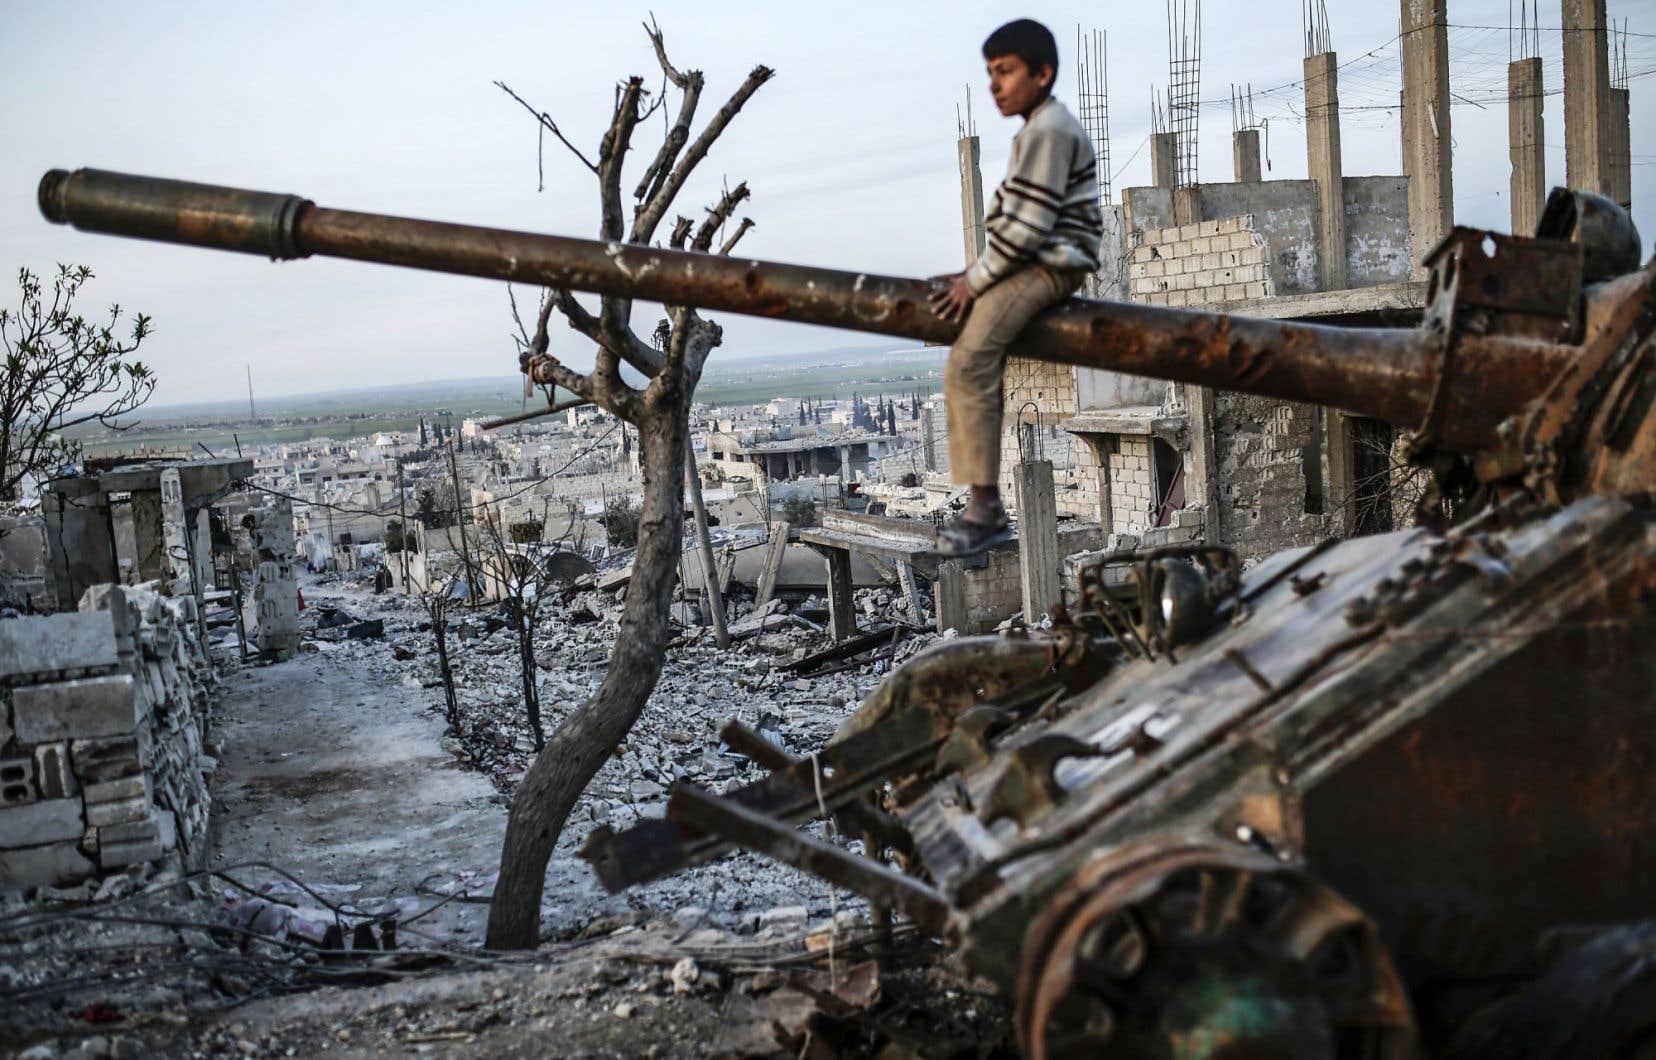 Un garçon à Kobané en mars 2015, quelques semaines après que le groupe armé État islamique a été chassé de la ville par les forces kurdes et leurs alliés.